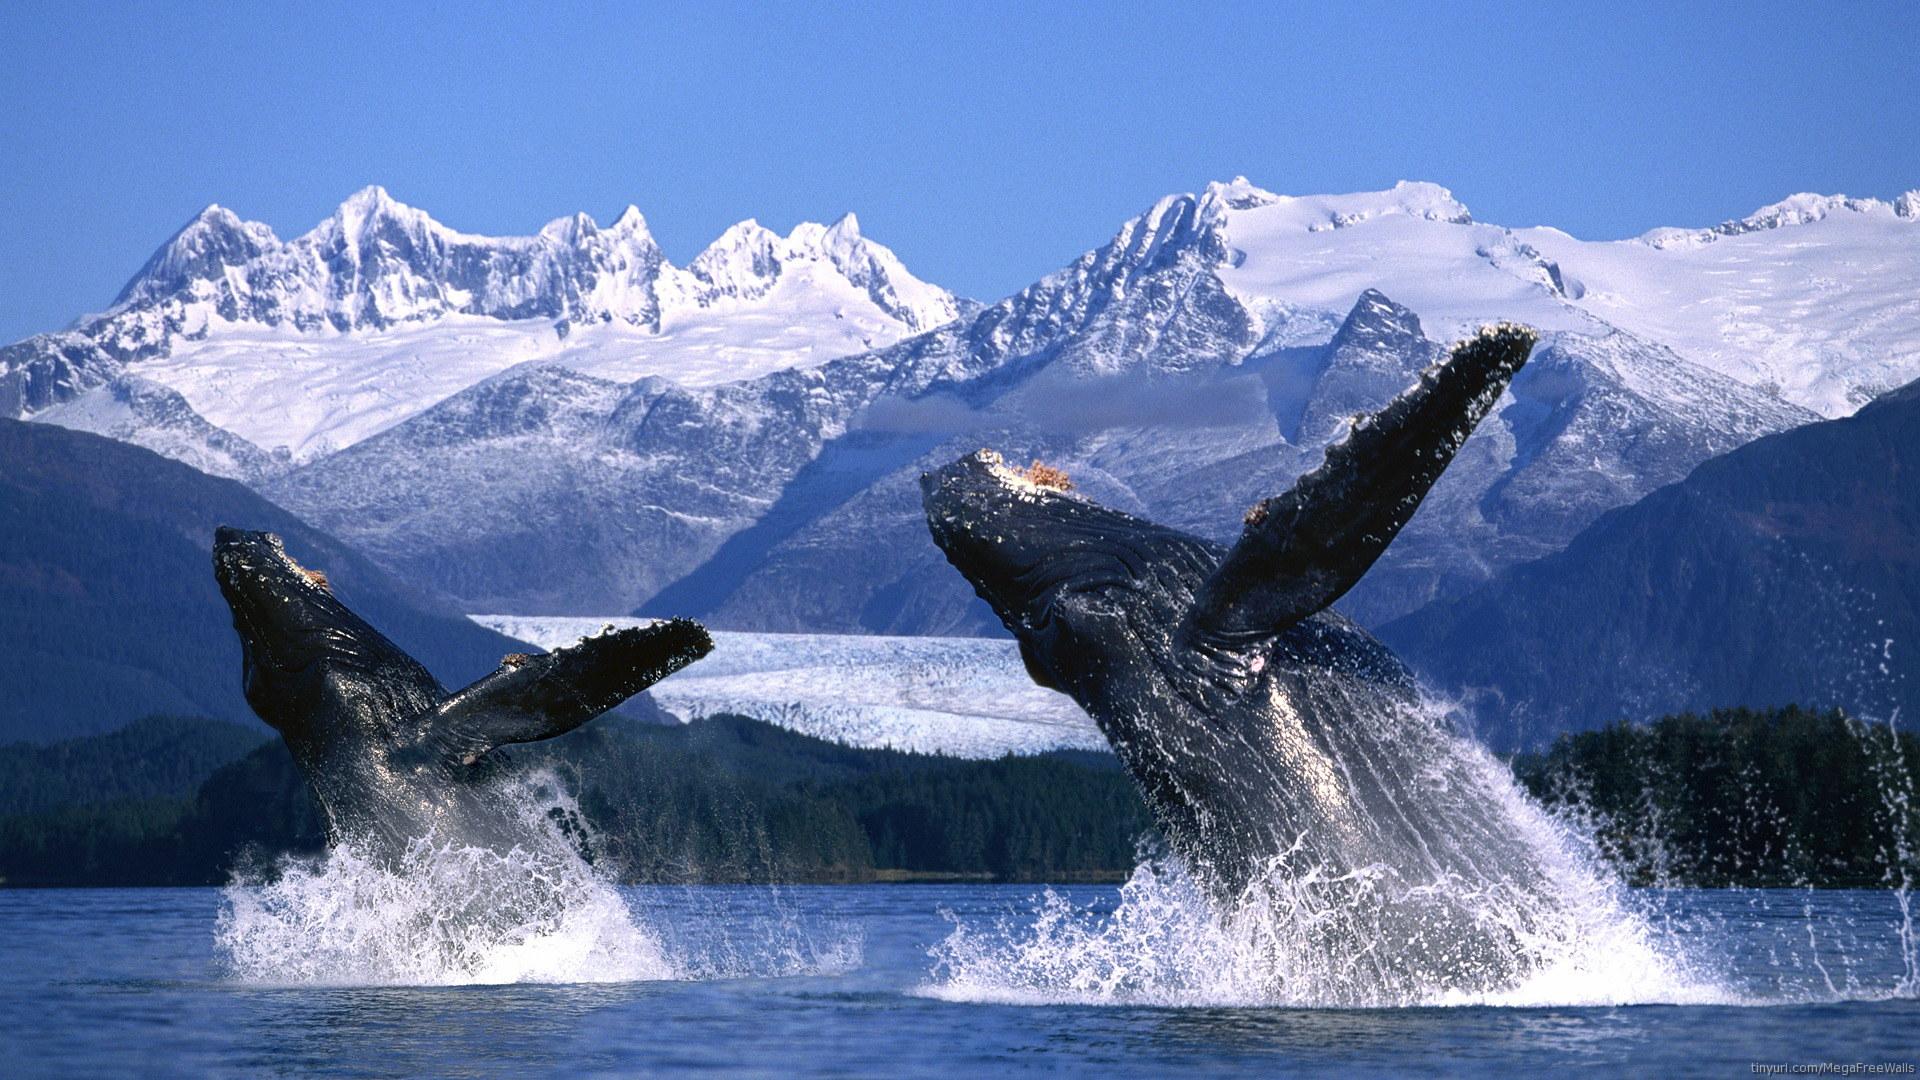 Вэйлвотчинг (whale watching) - наблюдение за прыжками горбатых китов